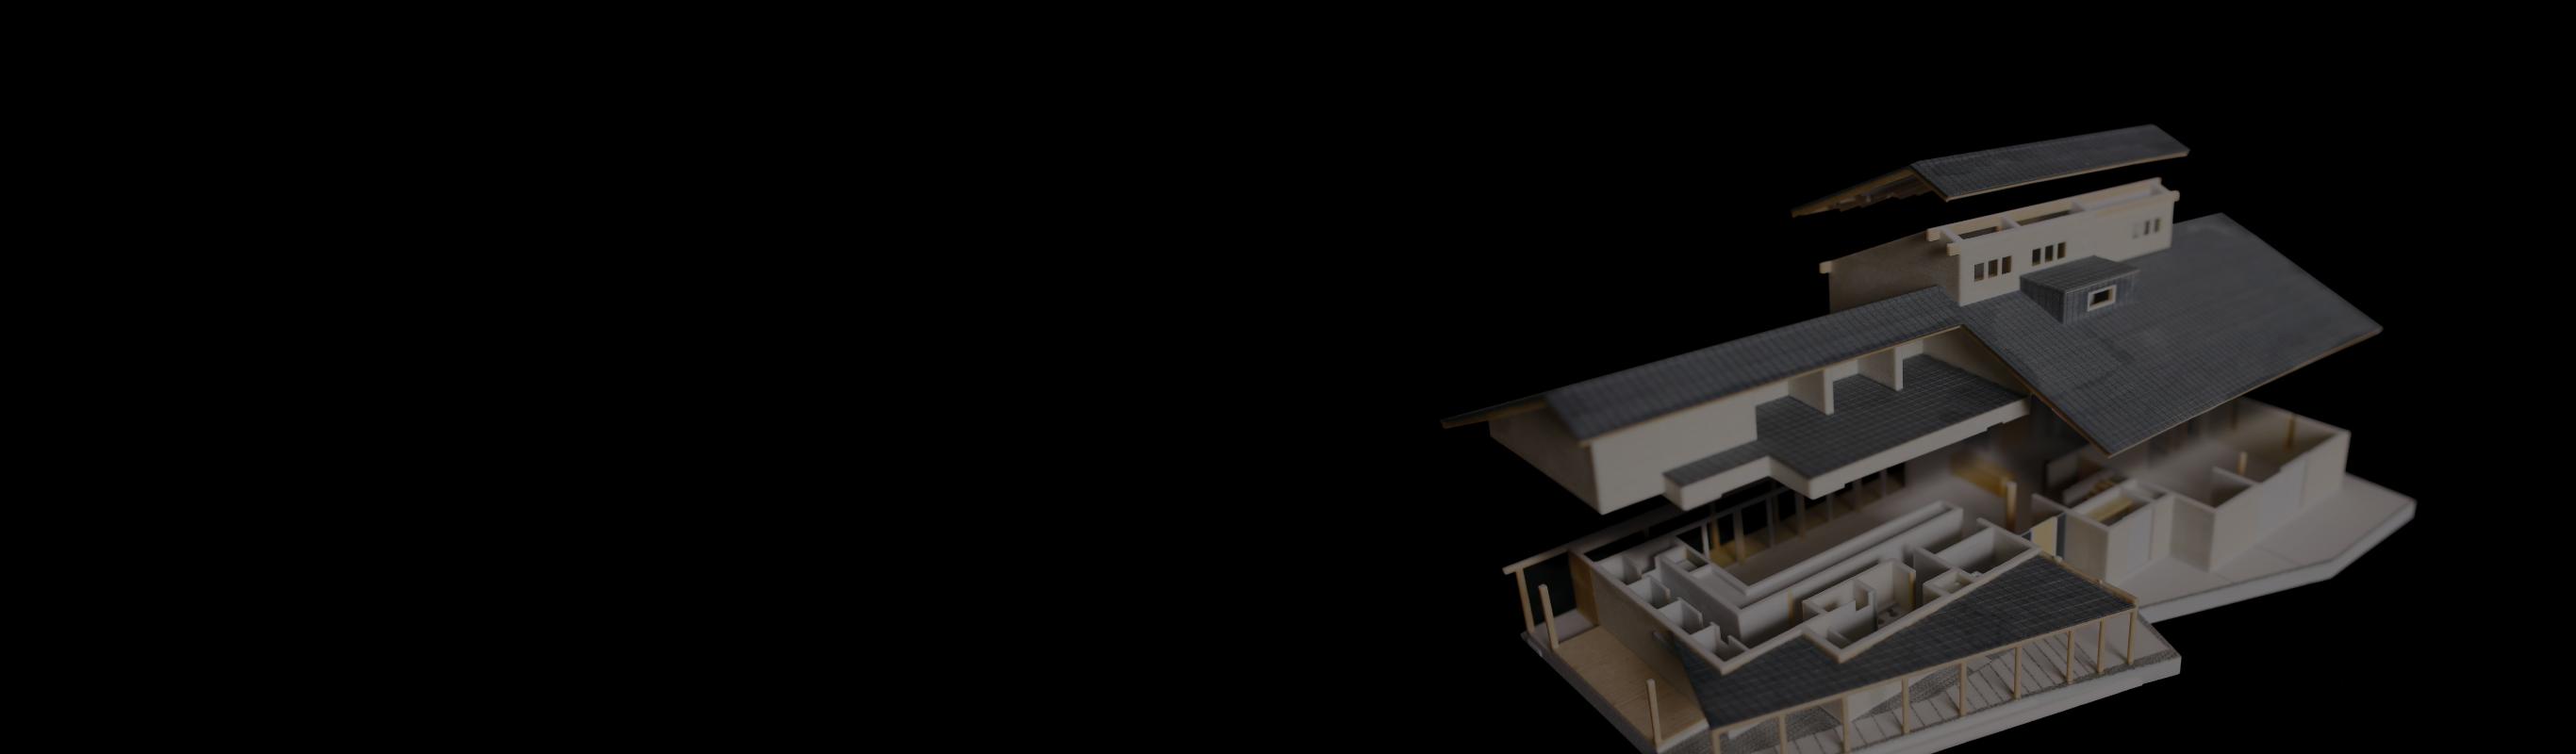 Binder Jetting 粉末固着積層方式